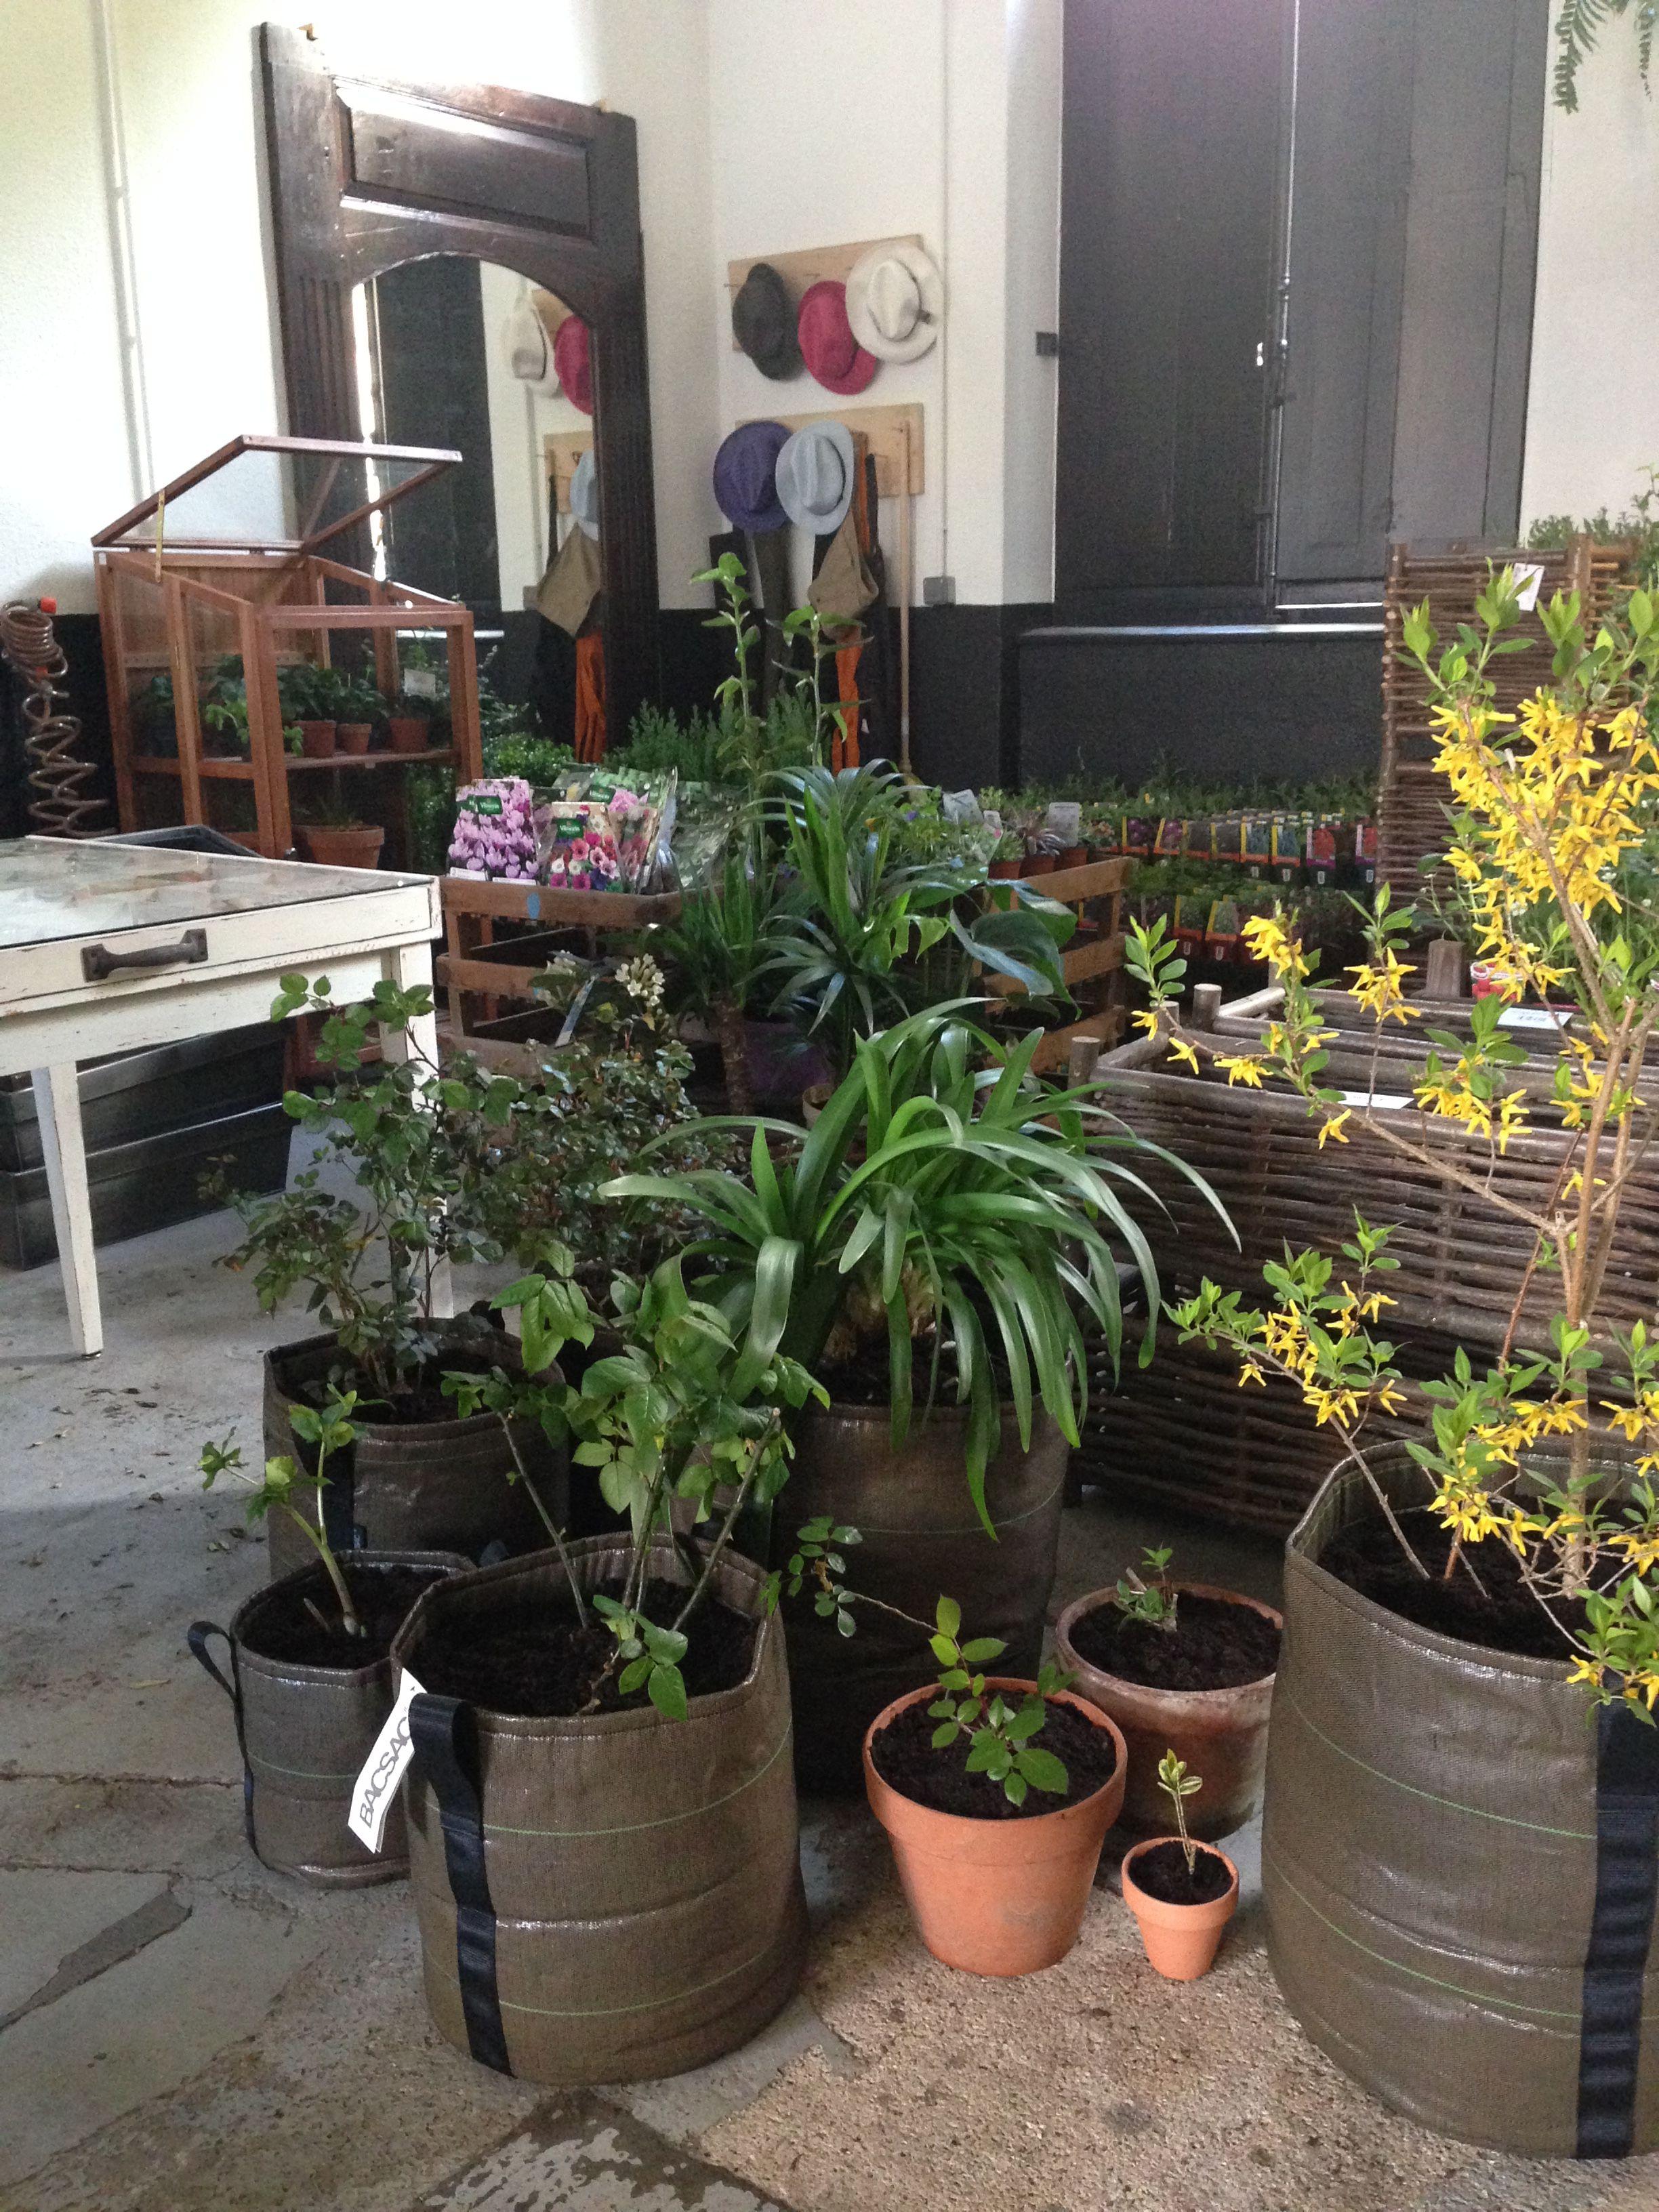 La Jolie Jardinerie Urbaine A Lyon Du Vert Au Balcon Propose Une Selection De Produits Bacsac Pour Reussir Son Jardin En Ville Facilement Vous Tro